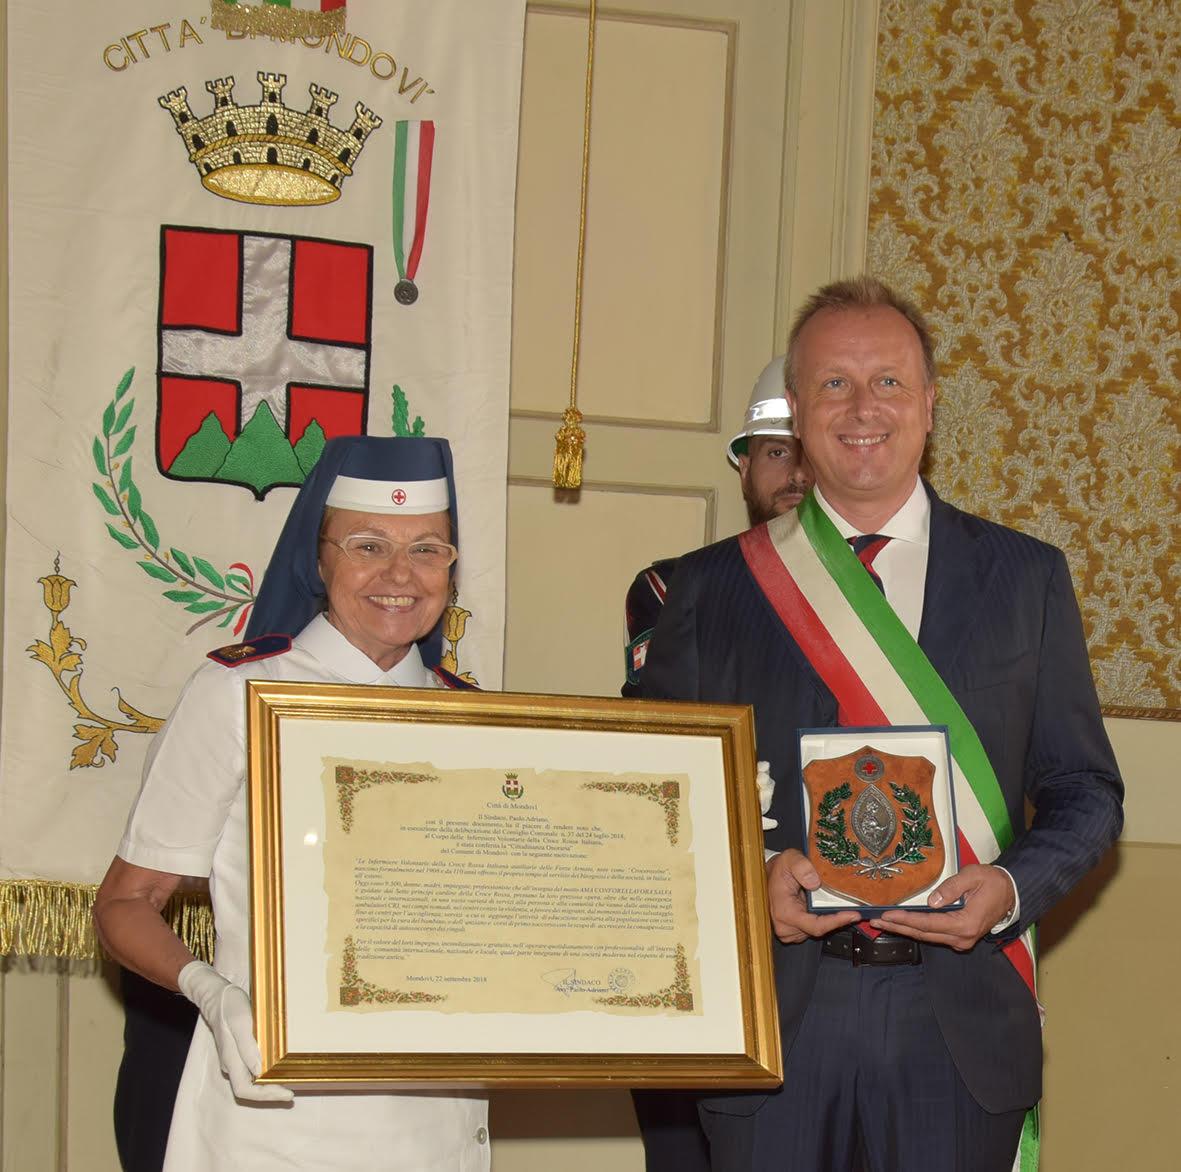 Mondovì – Cittadinanza onoraria per il Corpo delle Infermiere Volontarie della CRI